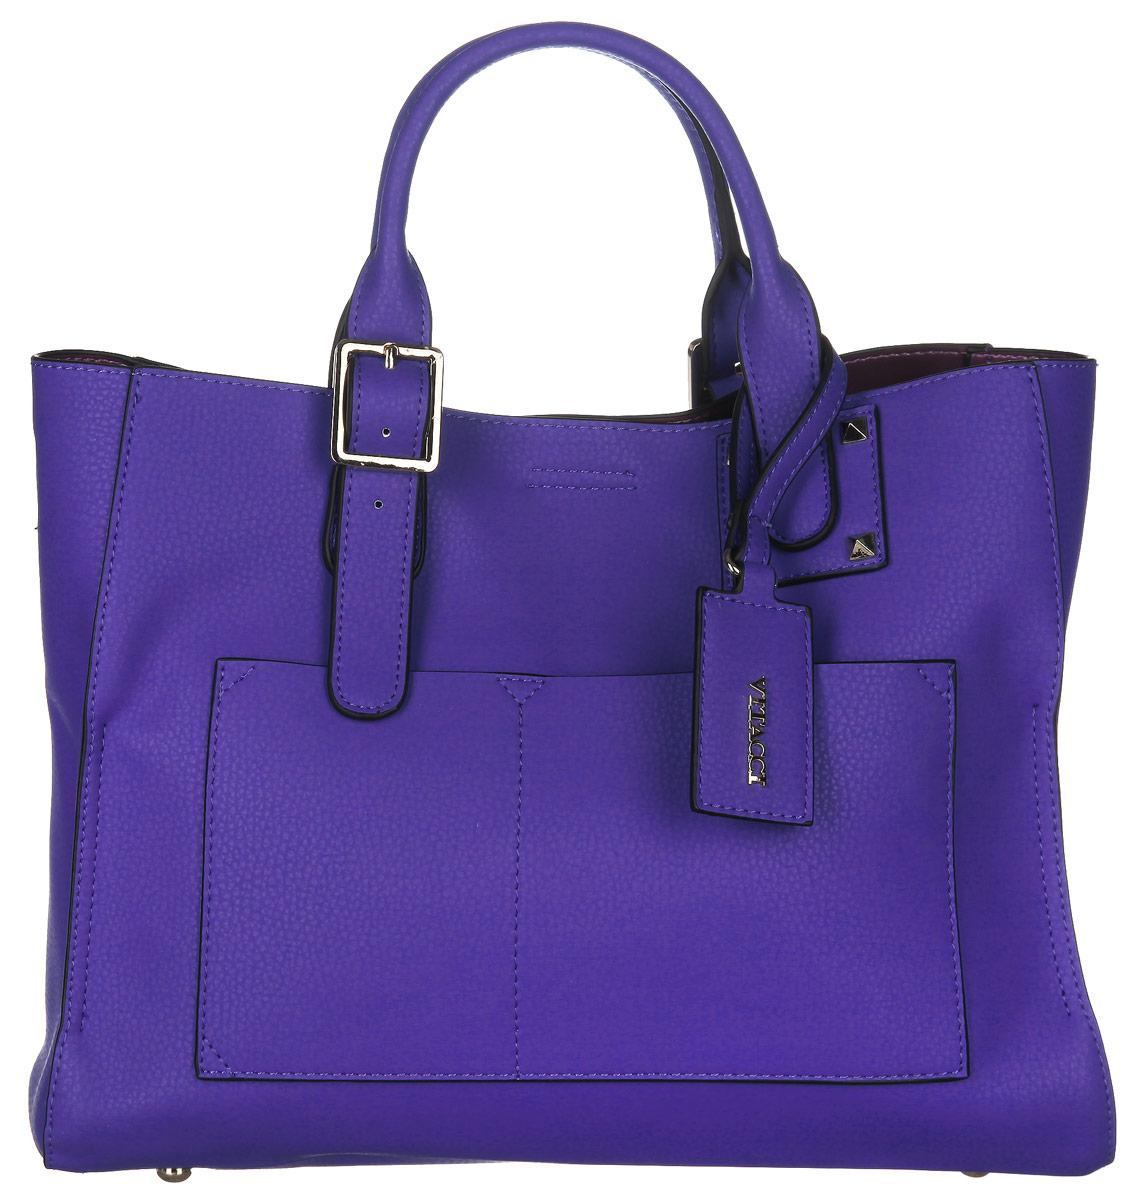 Сумка женская Vitacci, цвет: синий. 63517-463517-4Изысканная женская сумка Vitacci выполнена из качественной искусственной кожи. Сумка закрывается на магнитную кнопку. Модель оснащена удобными ручками с регулируемой длинной. Внутри одно глубокое съемное отделение на замке-молнии, выполненное из текстиля, по бокам прикрепленное к основной части сумки кнопками. Вместительное внутреннее отделение содержит два накладных кармана для телефона и мелких принадлежностей, а также врезной карман на молнии. Снаружи на передней стенке сумки размещены два декоративных кармашка. Сумка оснащена съемным плечевым ремнем регулируемой длины, которые позволят носить изделие как в руках так и на плече. Ручка сумки украшена декоративным брелоком на ремешке с названием фирмы. Дно дополнено металлическими ножками, защищающими изделие от повреждений. Практичная и стильная сумка прекрасно завершит ваш образ.